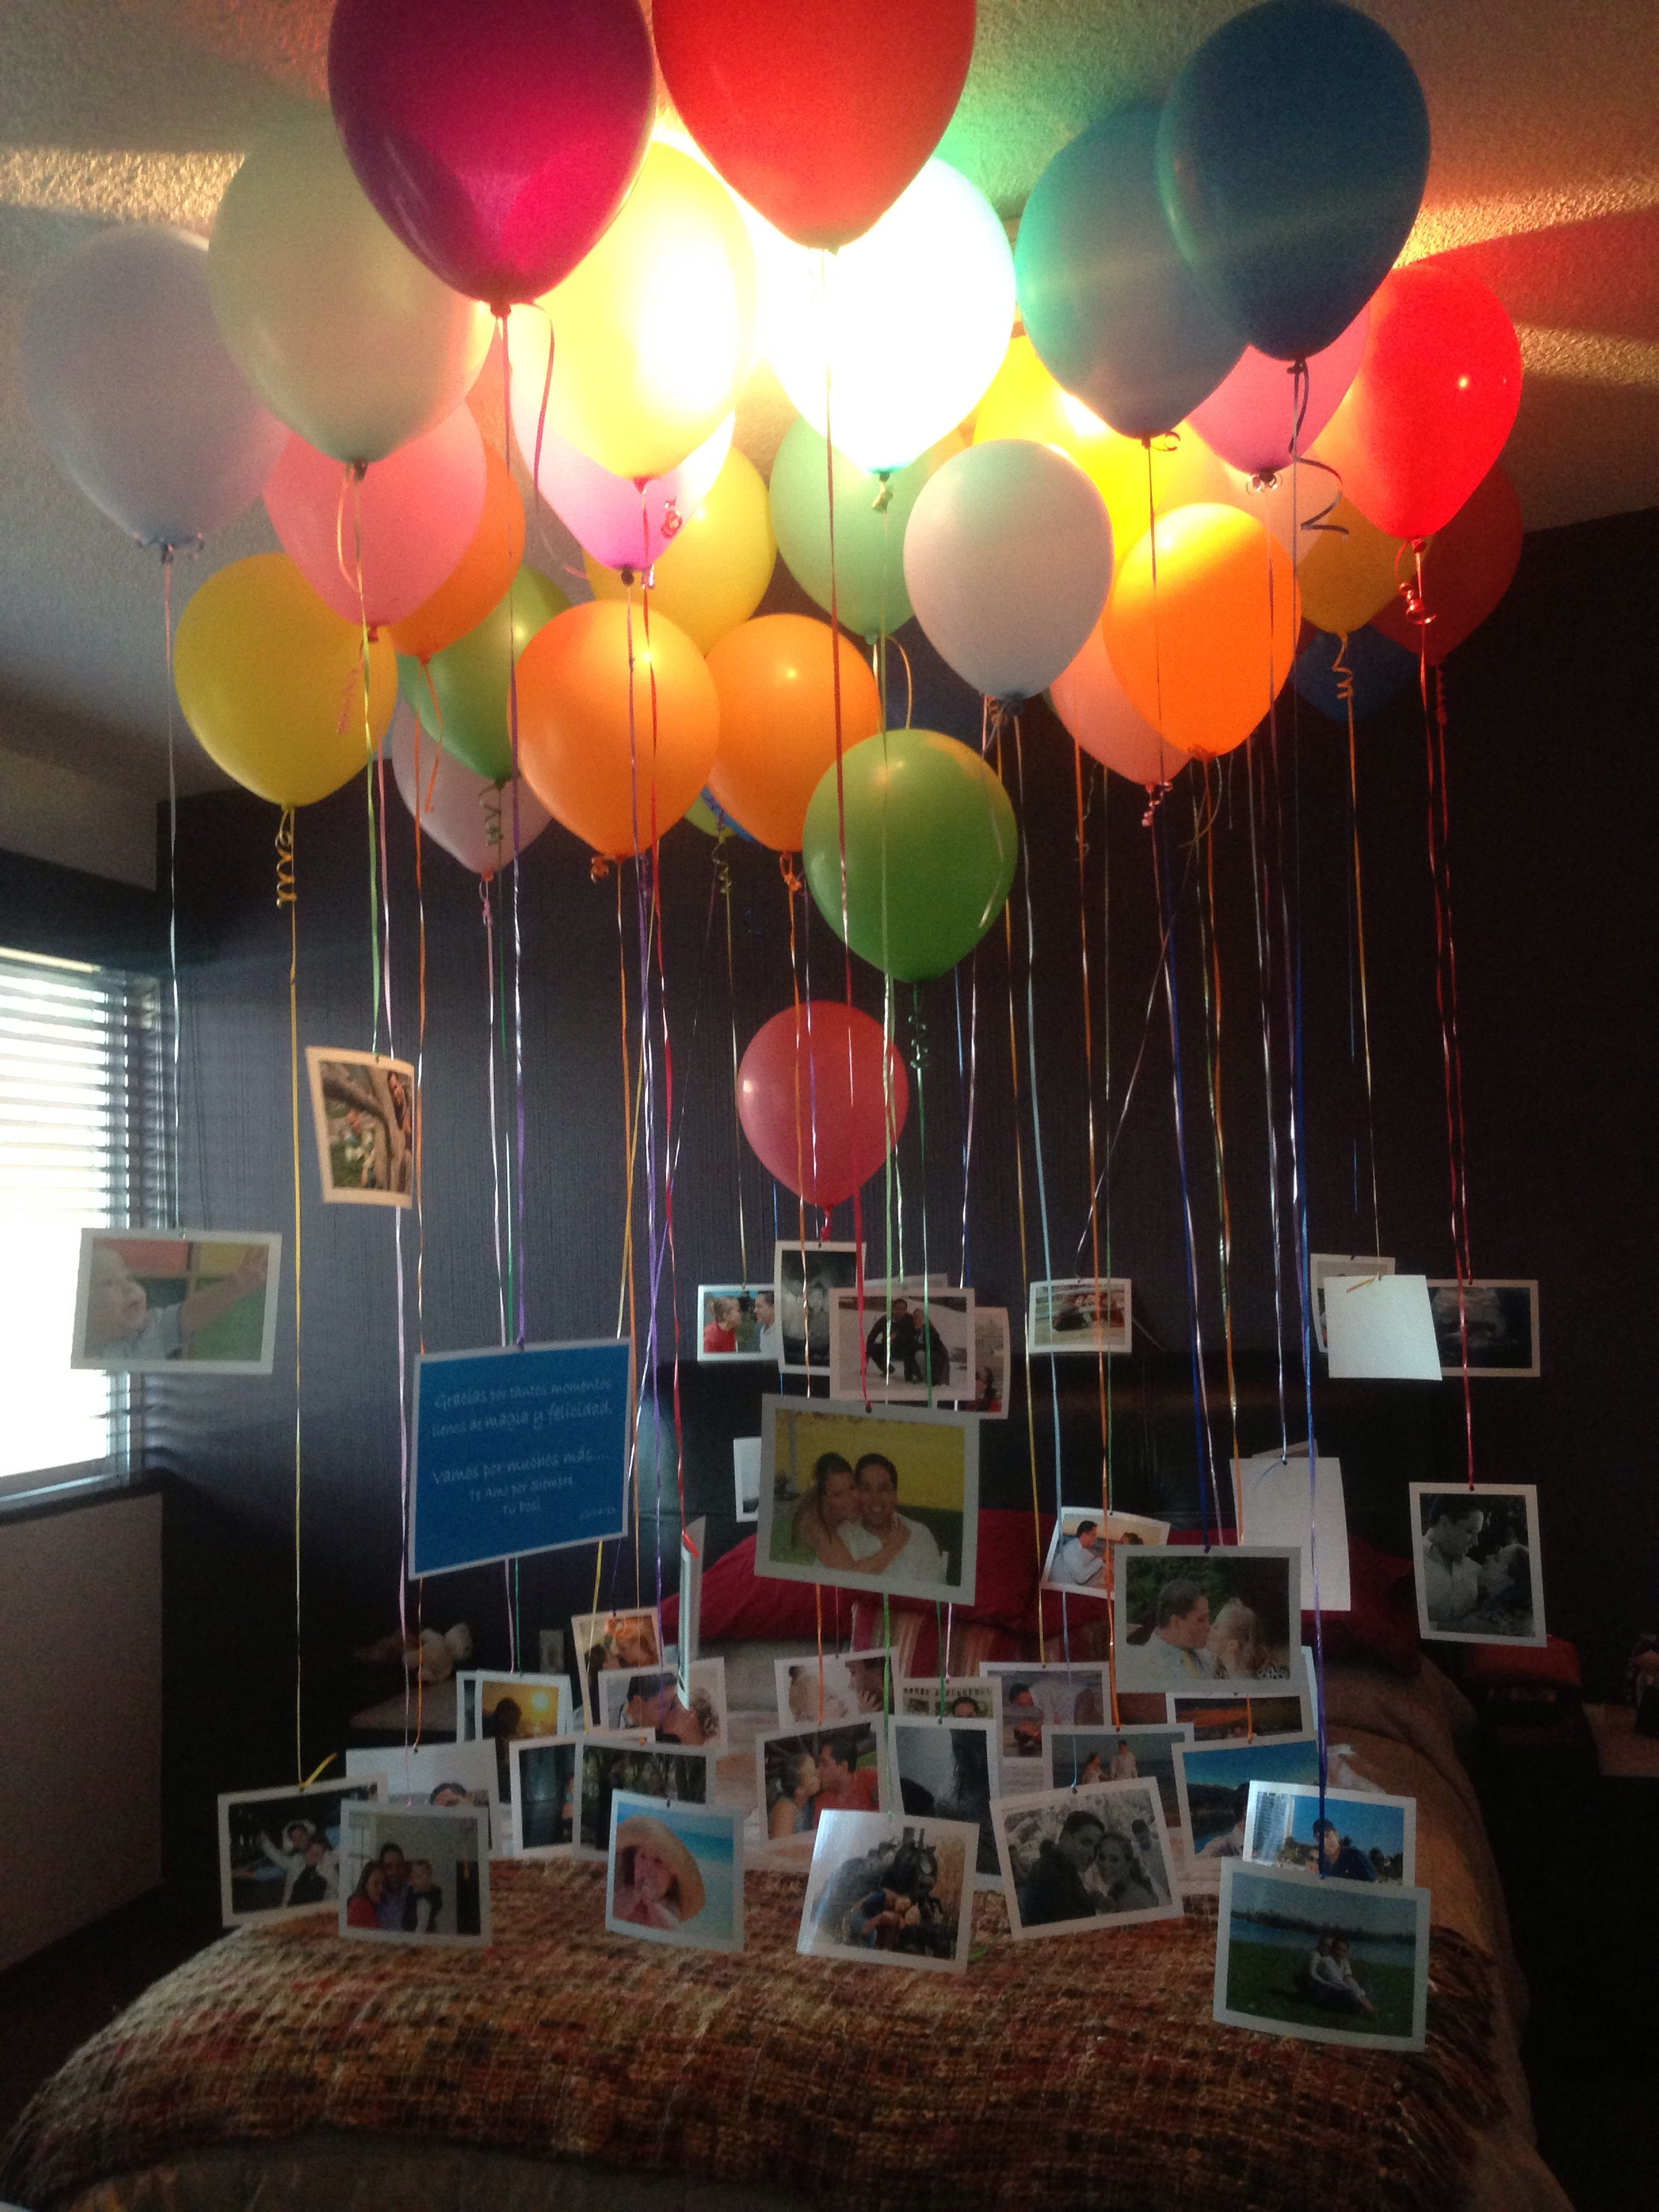 Decoraci n con globos y fotografias hermosa sorpresa for Decoracion con globos